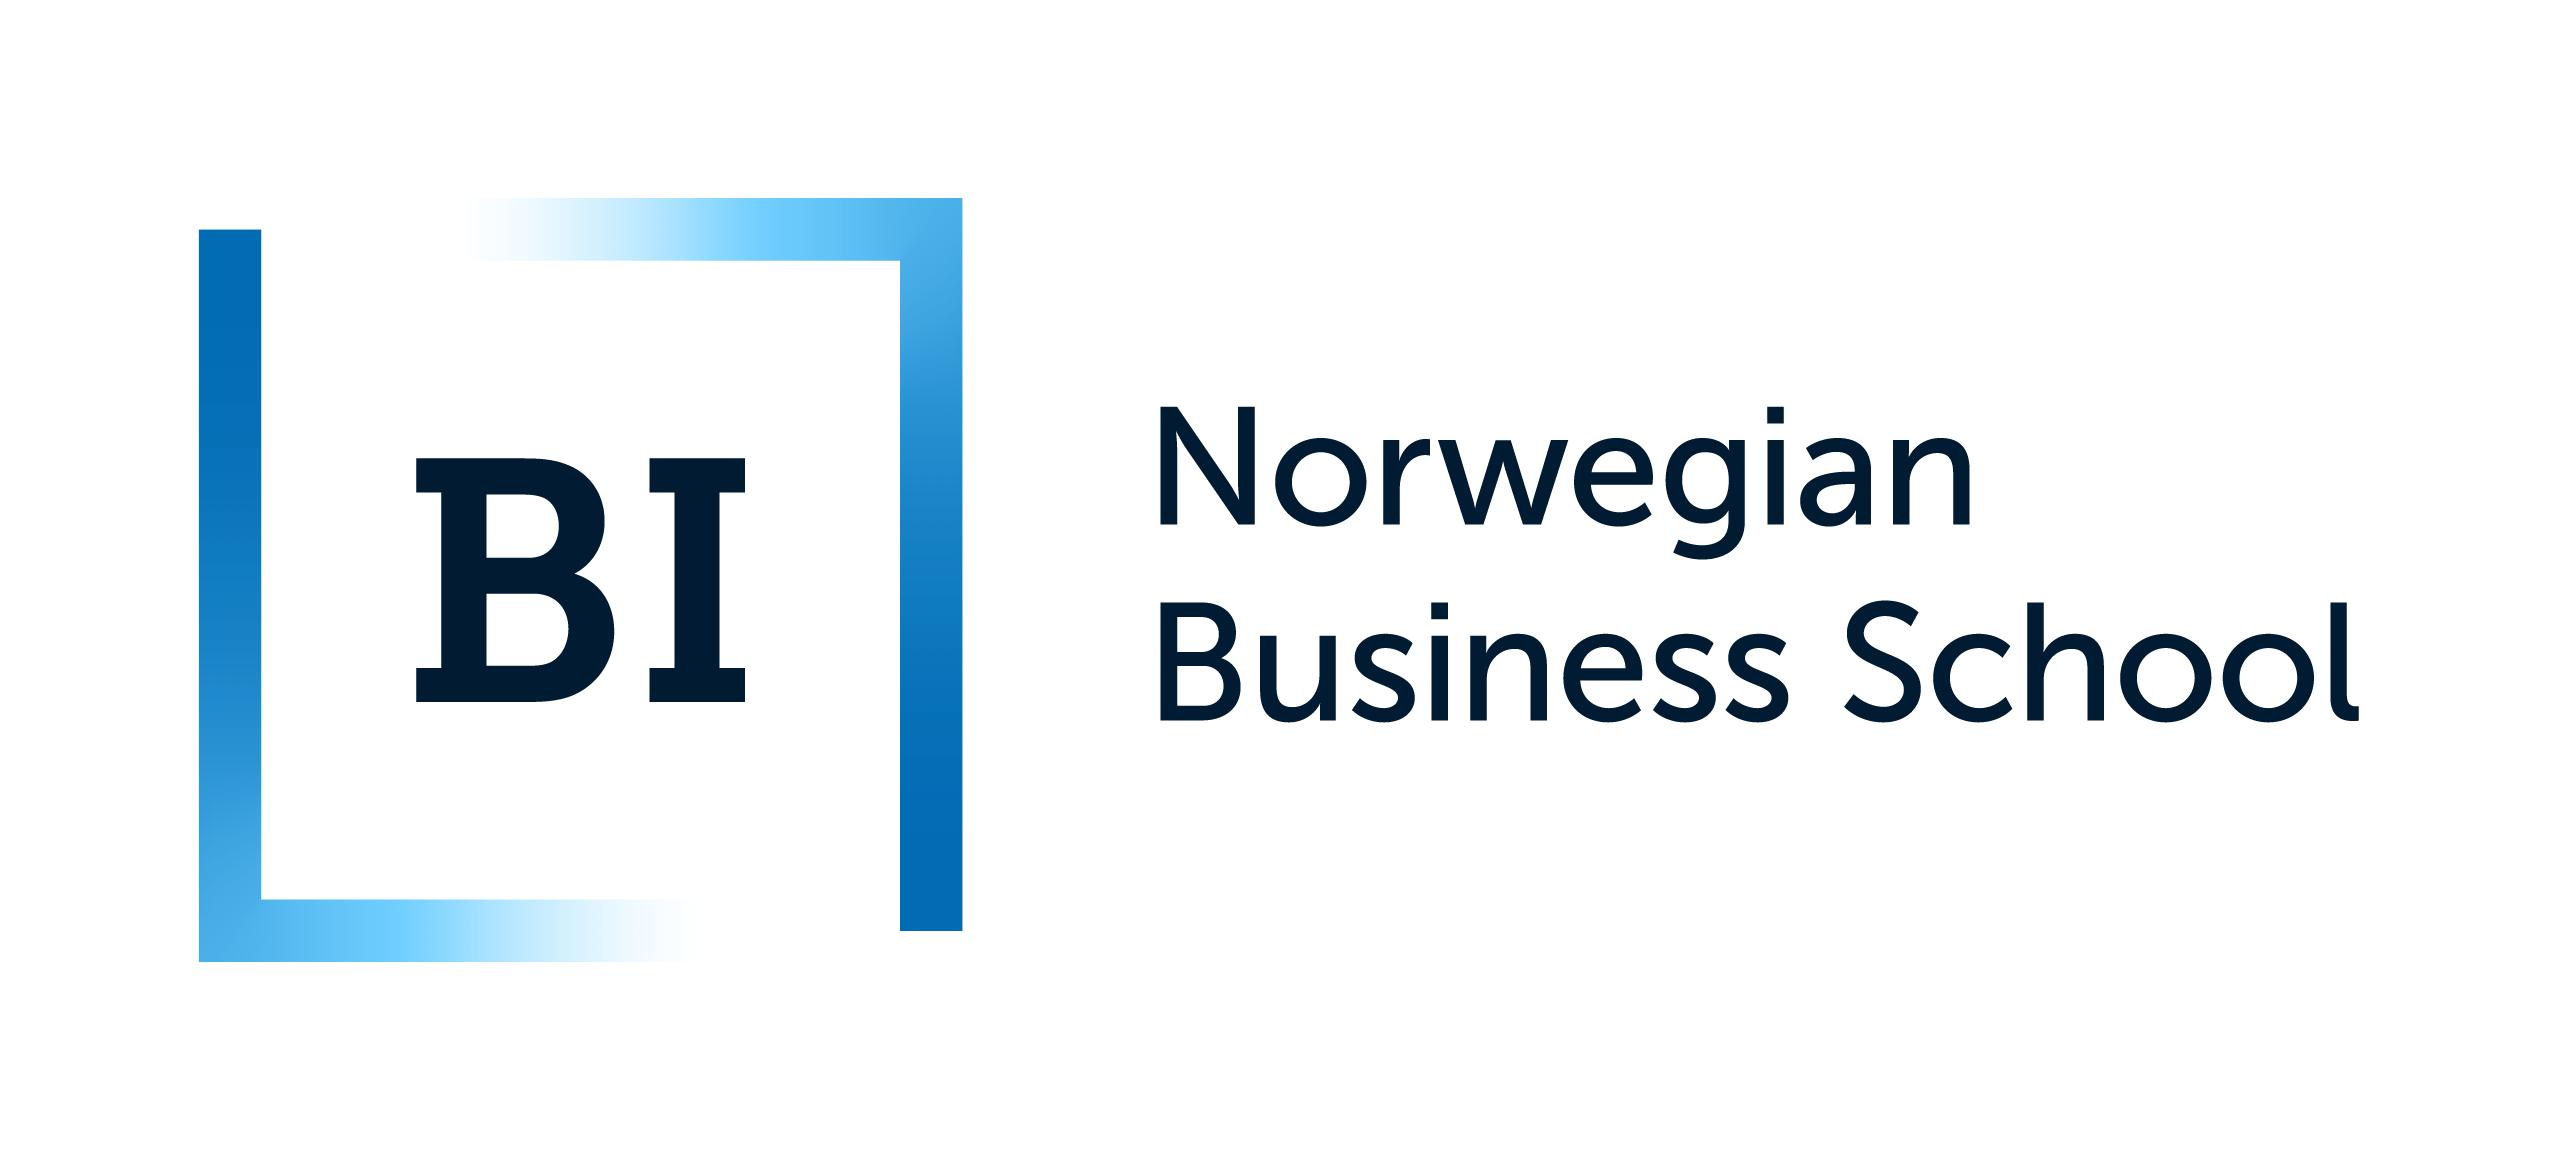 BI Norwegian Business School